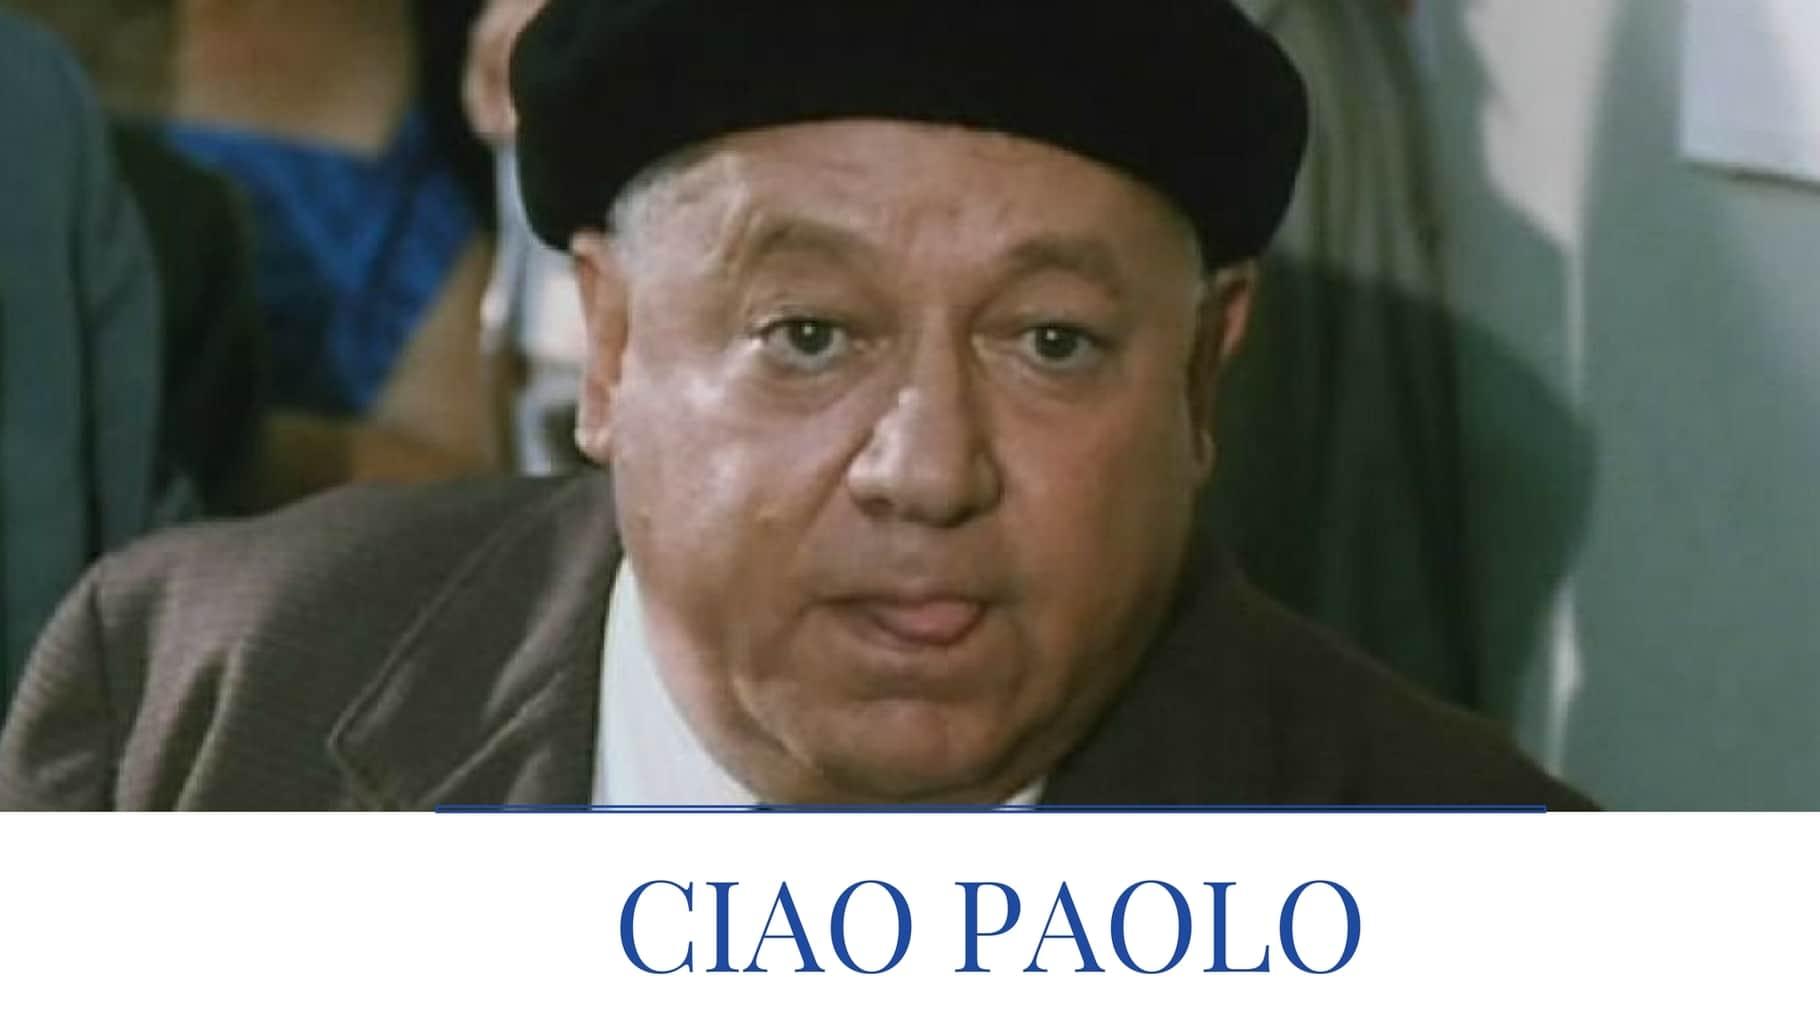 Un tributo a Paolo Villaggio